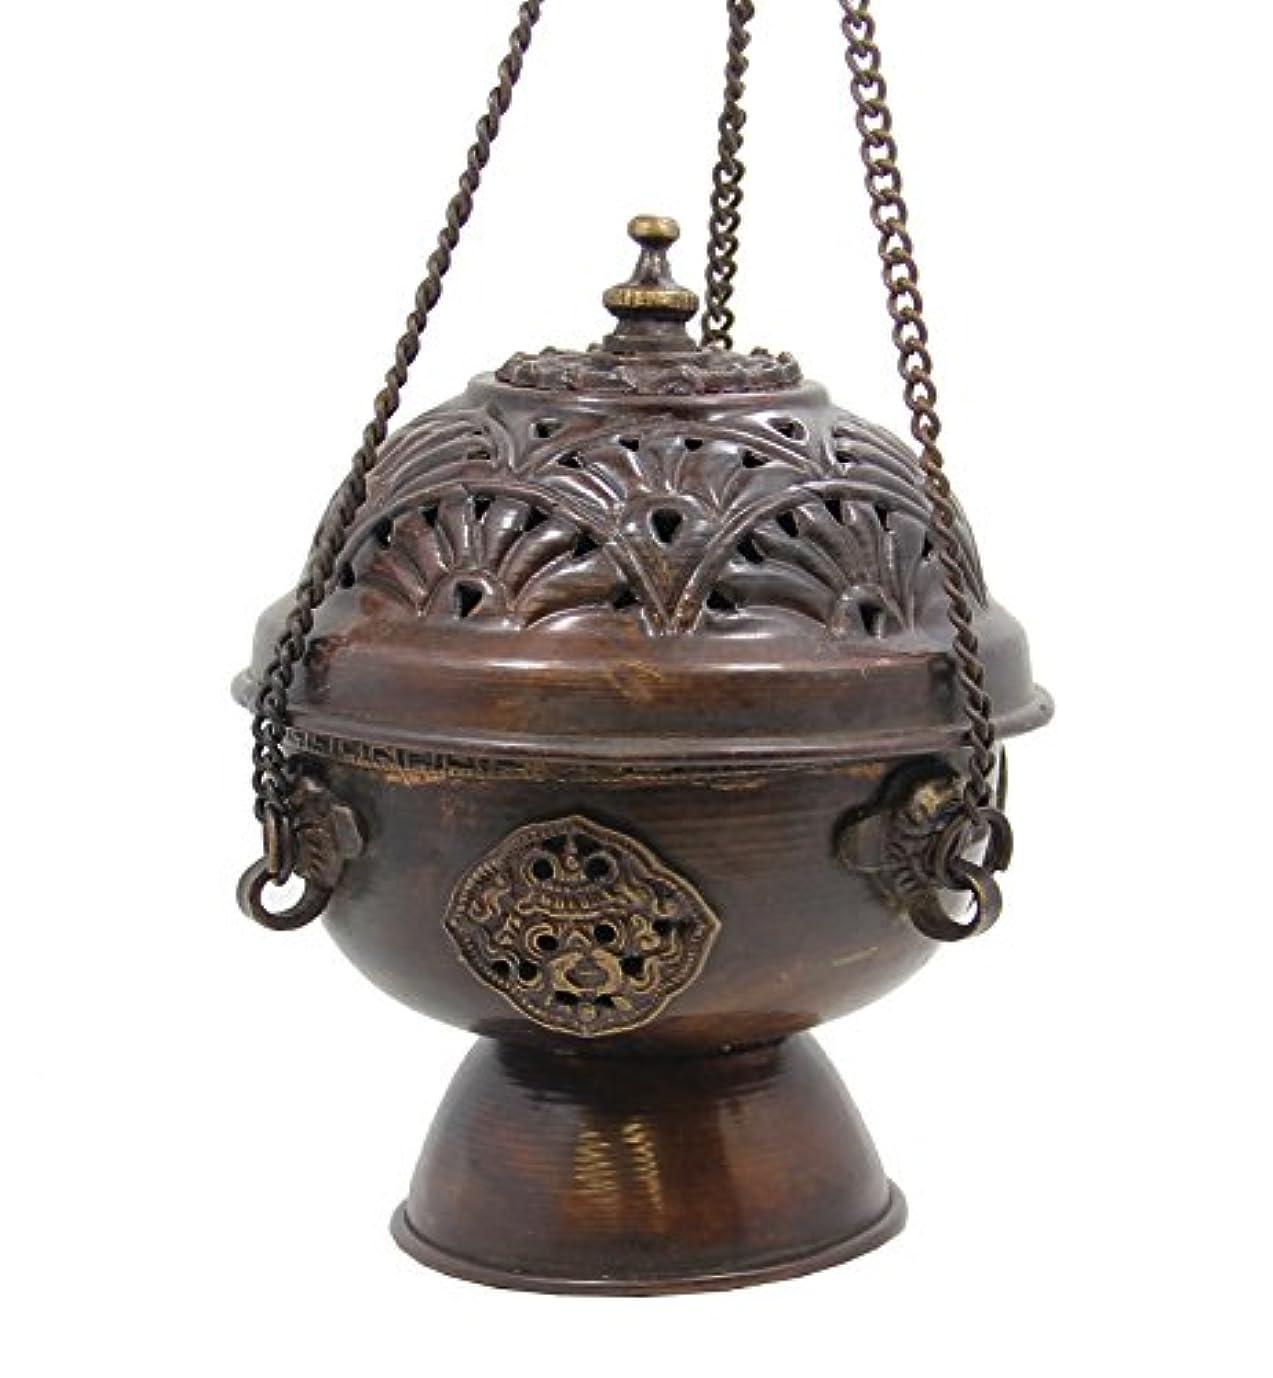 分泌する絶滅させる溢れんばかりのプレミアム品質銅真鍮Hanging Incense Burner B000ZED3J6